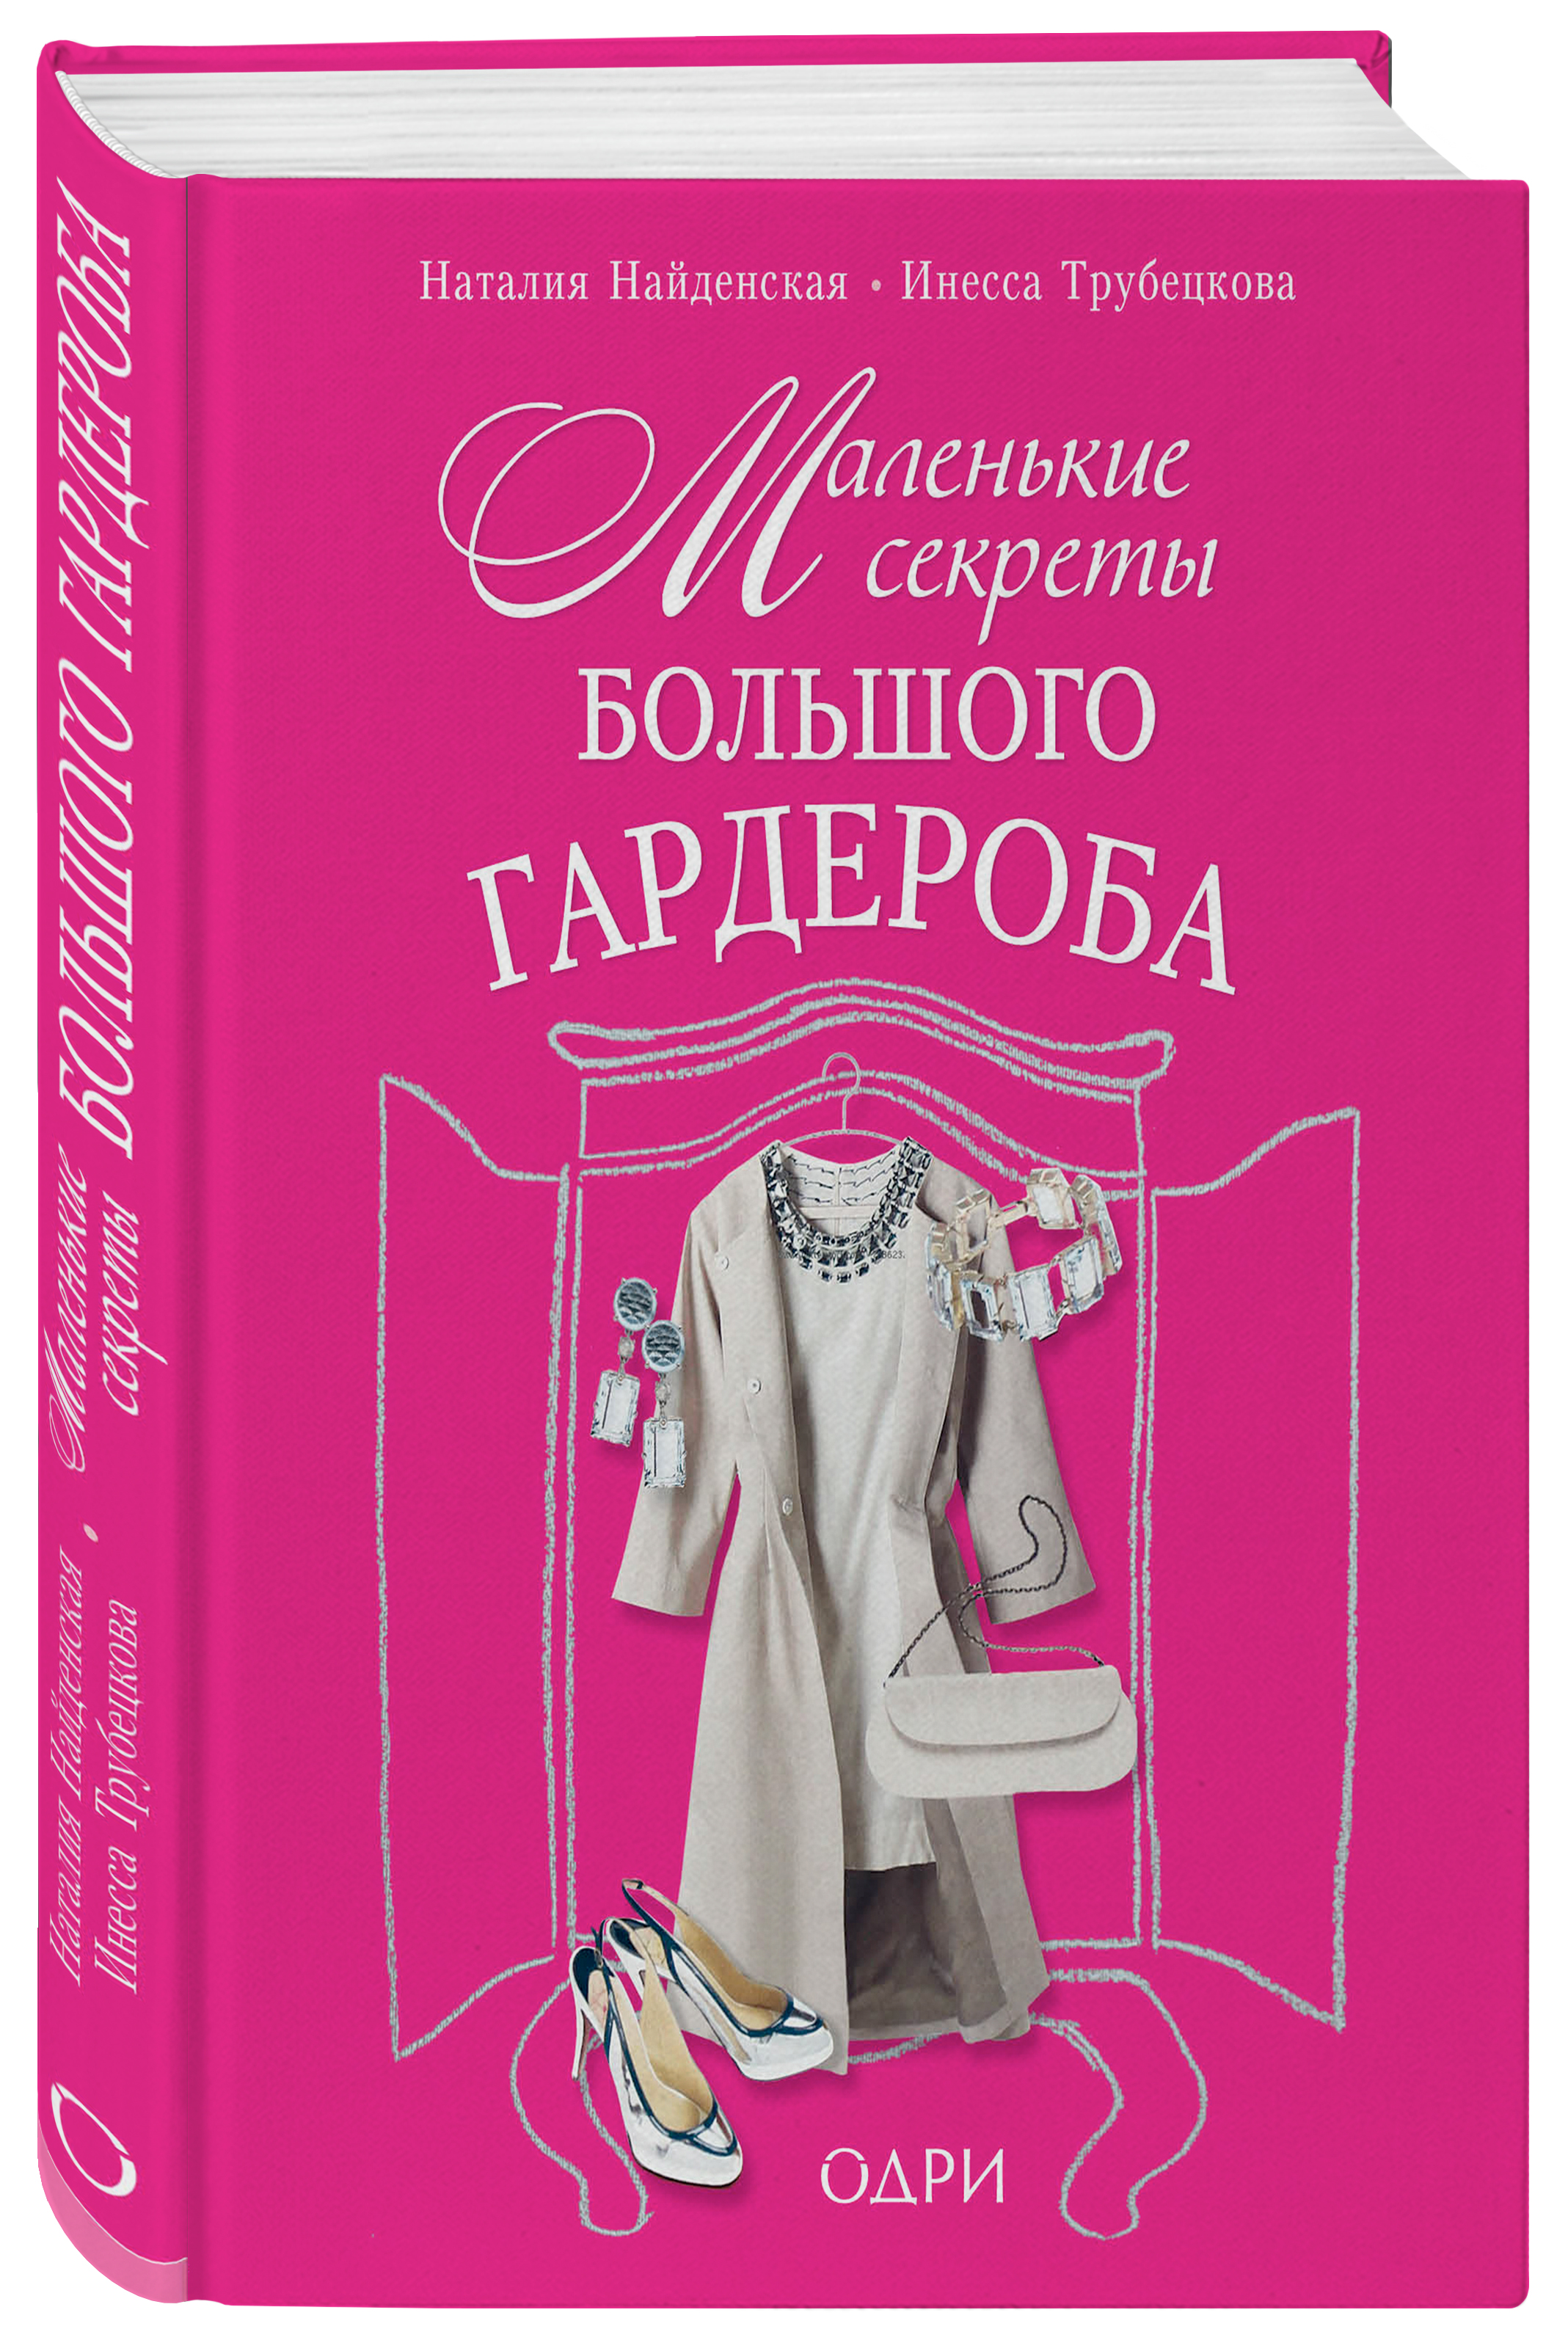 Наталия Найденская, Инесса Трубецкова Маленькие секреты большого гардероба найденская н трубецкова и мне всегда есть что надеть удобная система капсульного гардероба подарок разделители и наклейки для гардероба